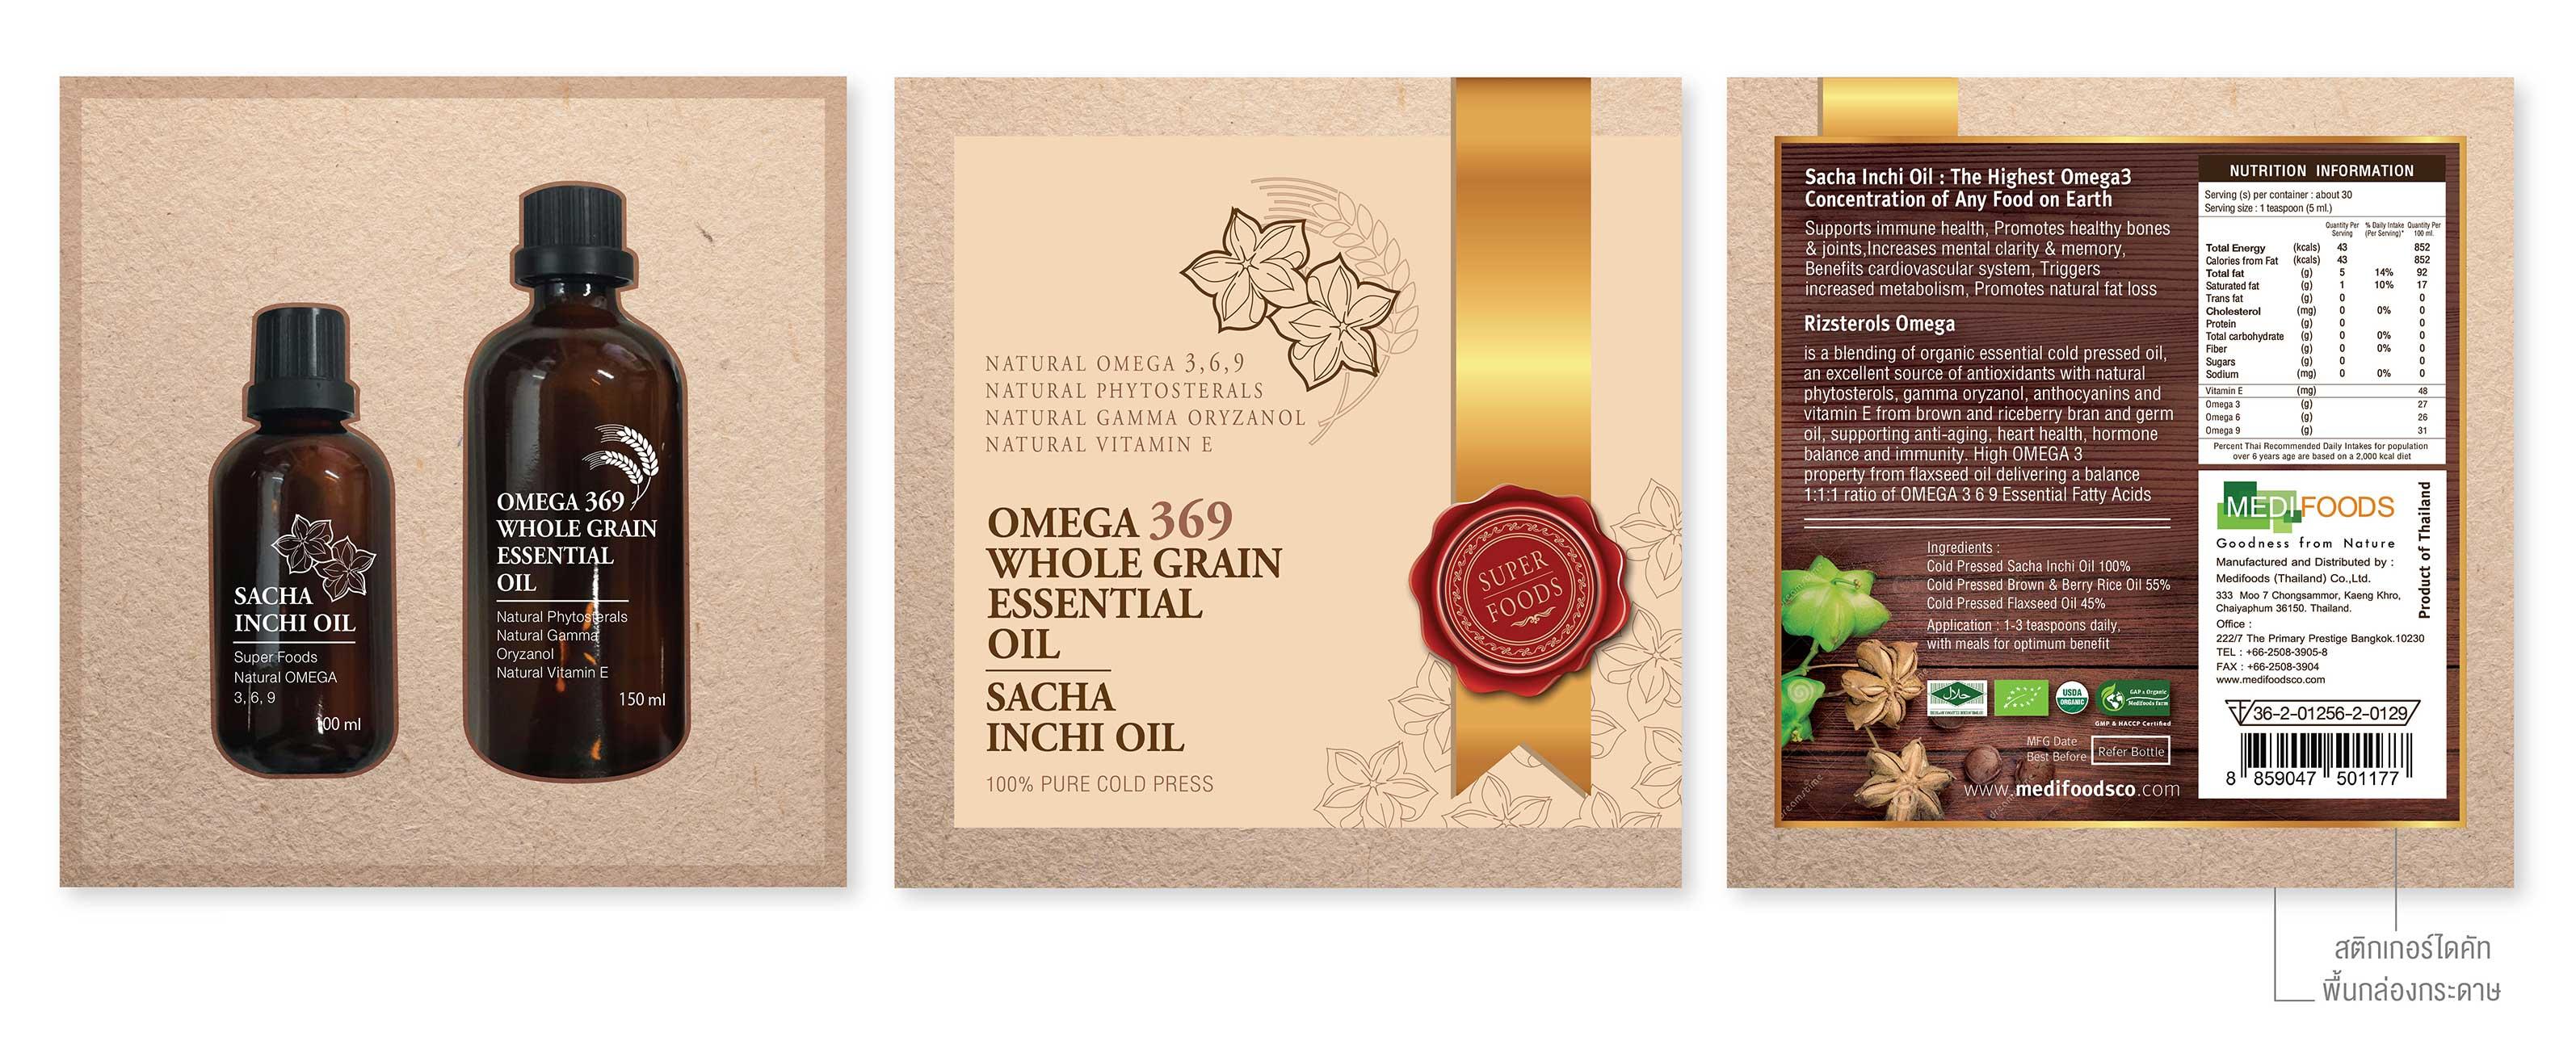 Sacha-Inchi-Oil-Box-05